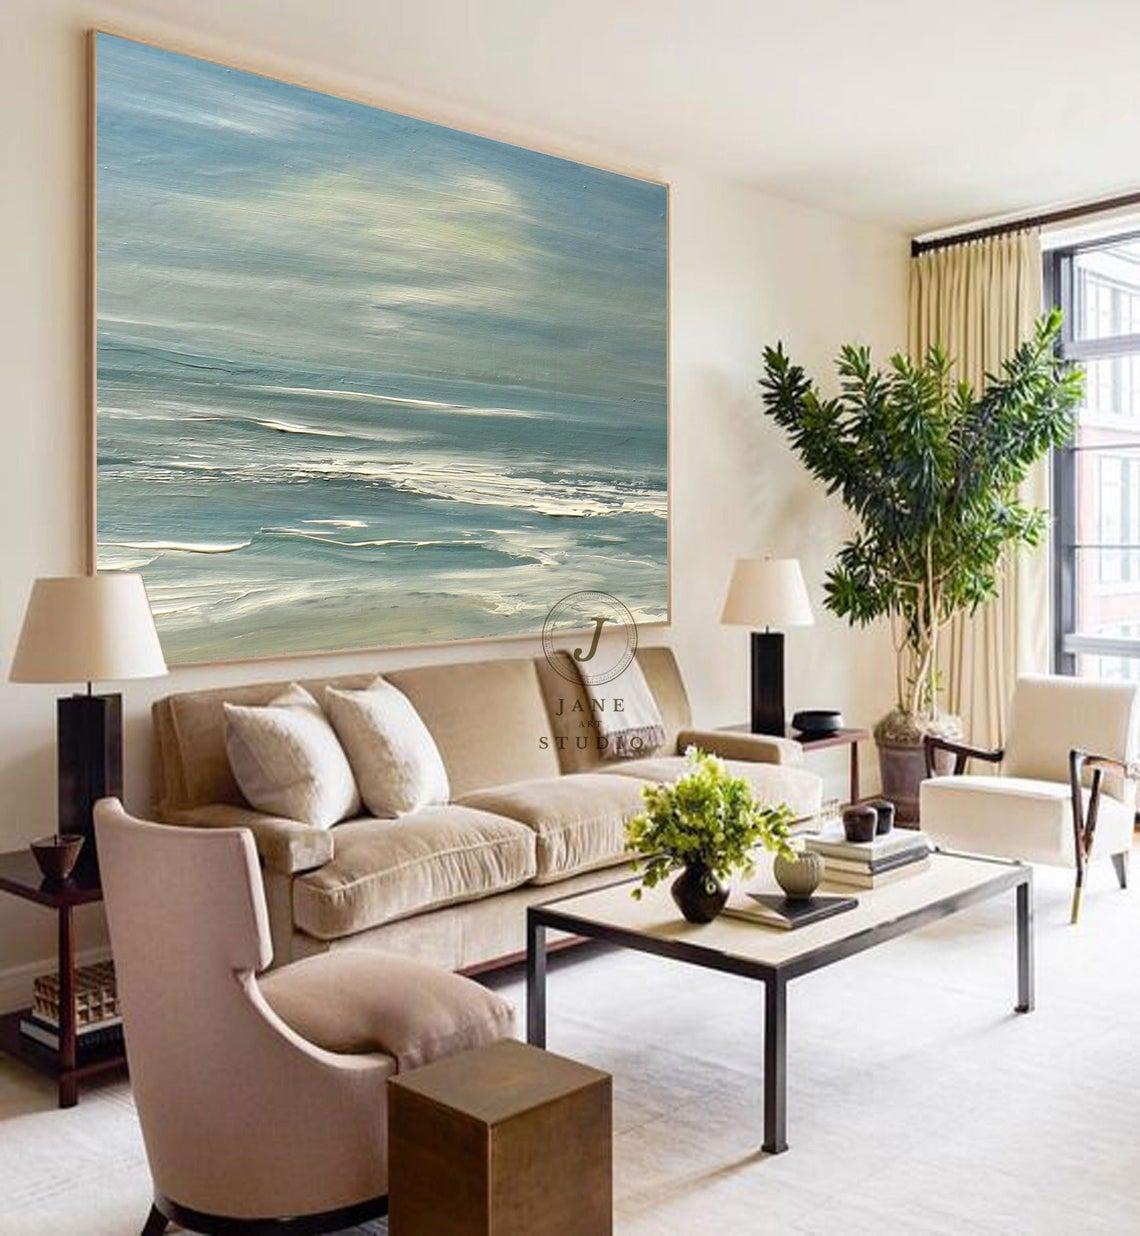 large coastal painting